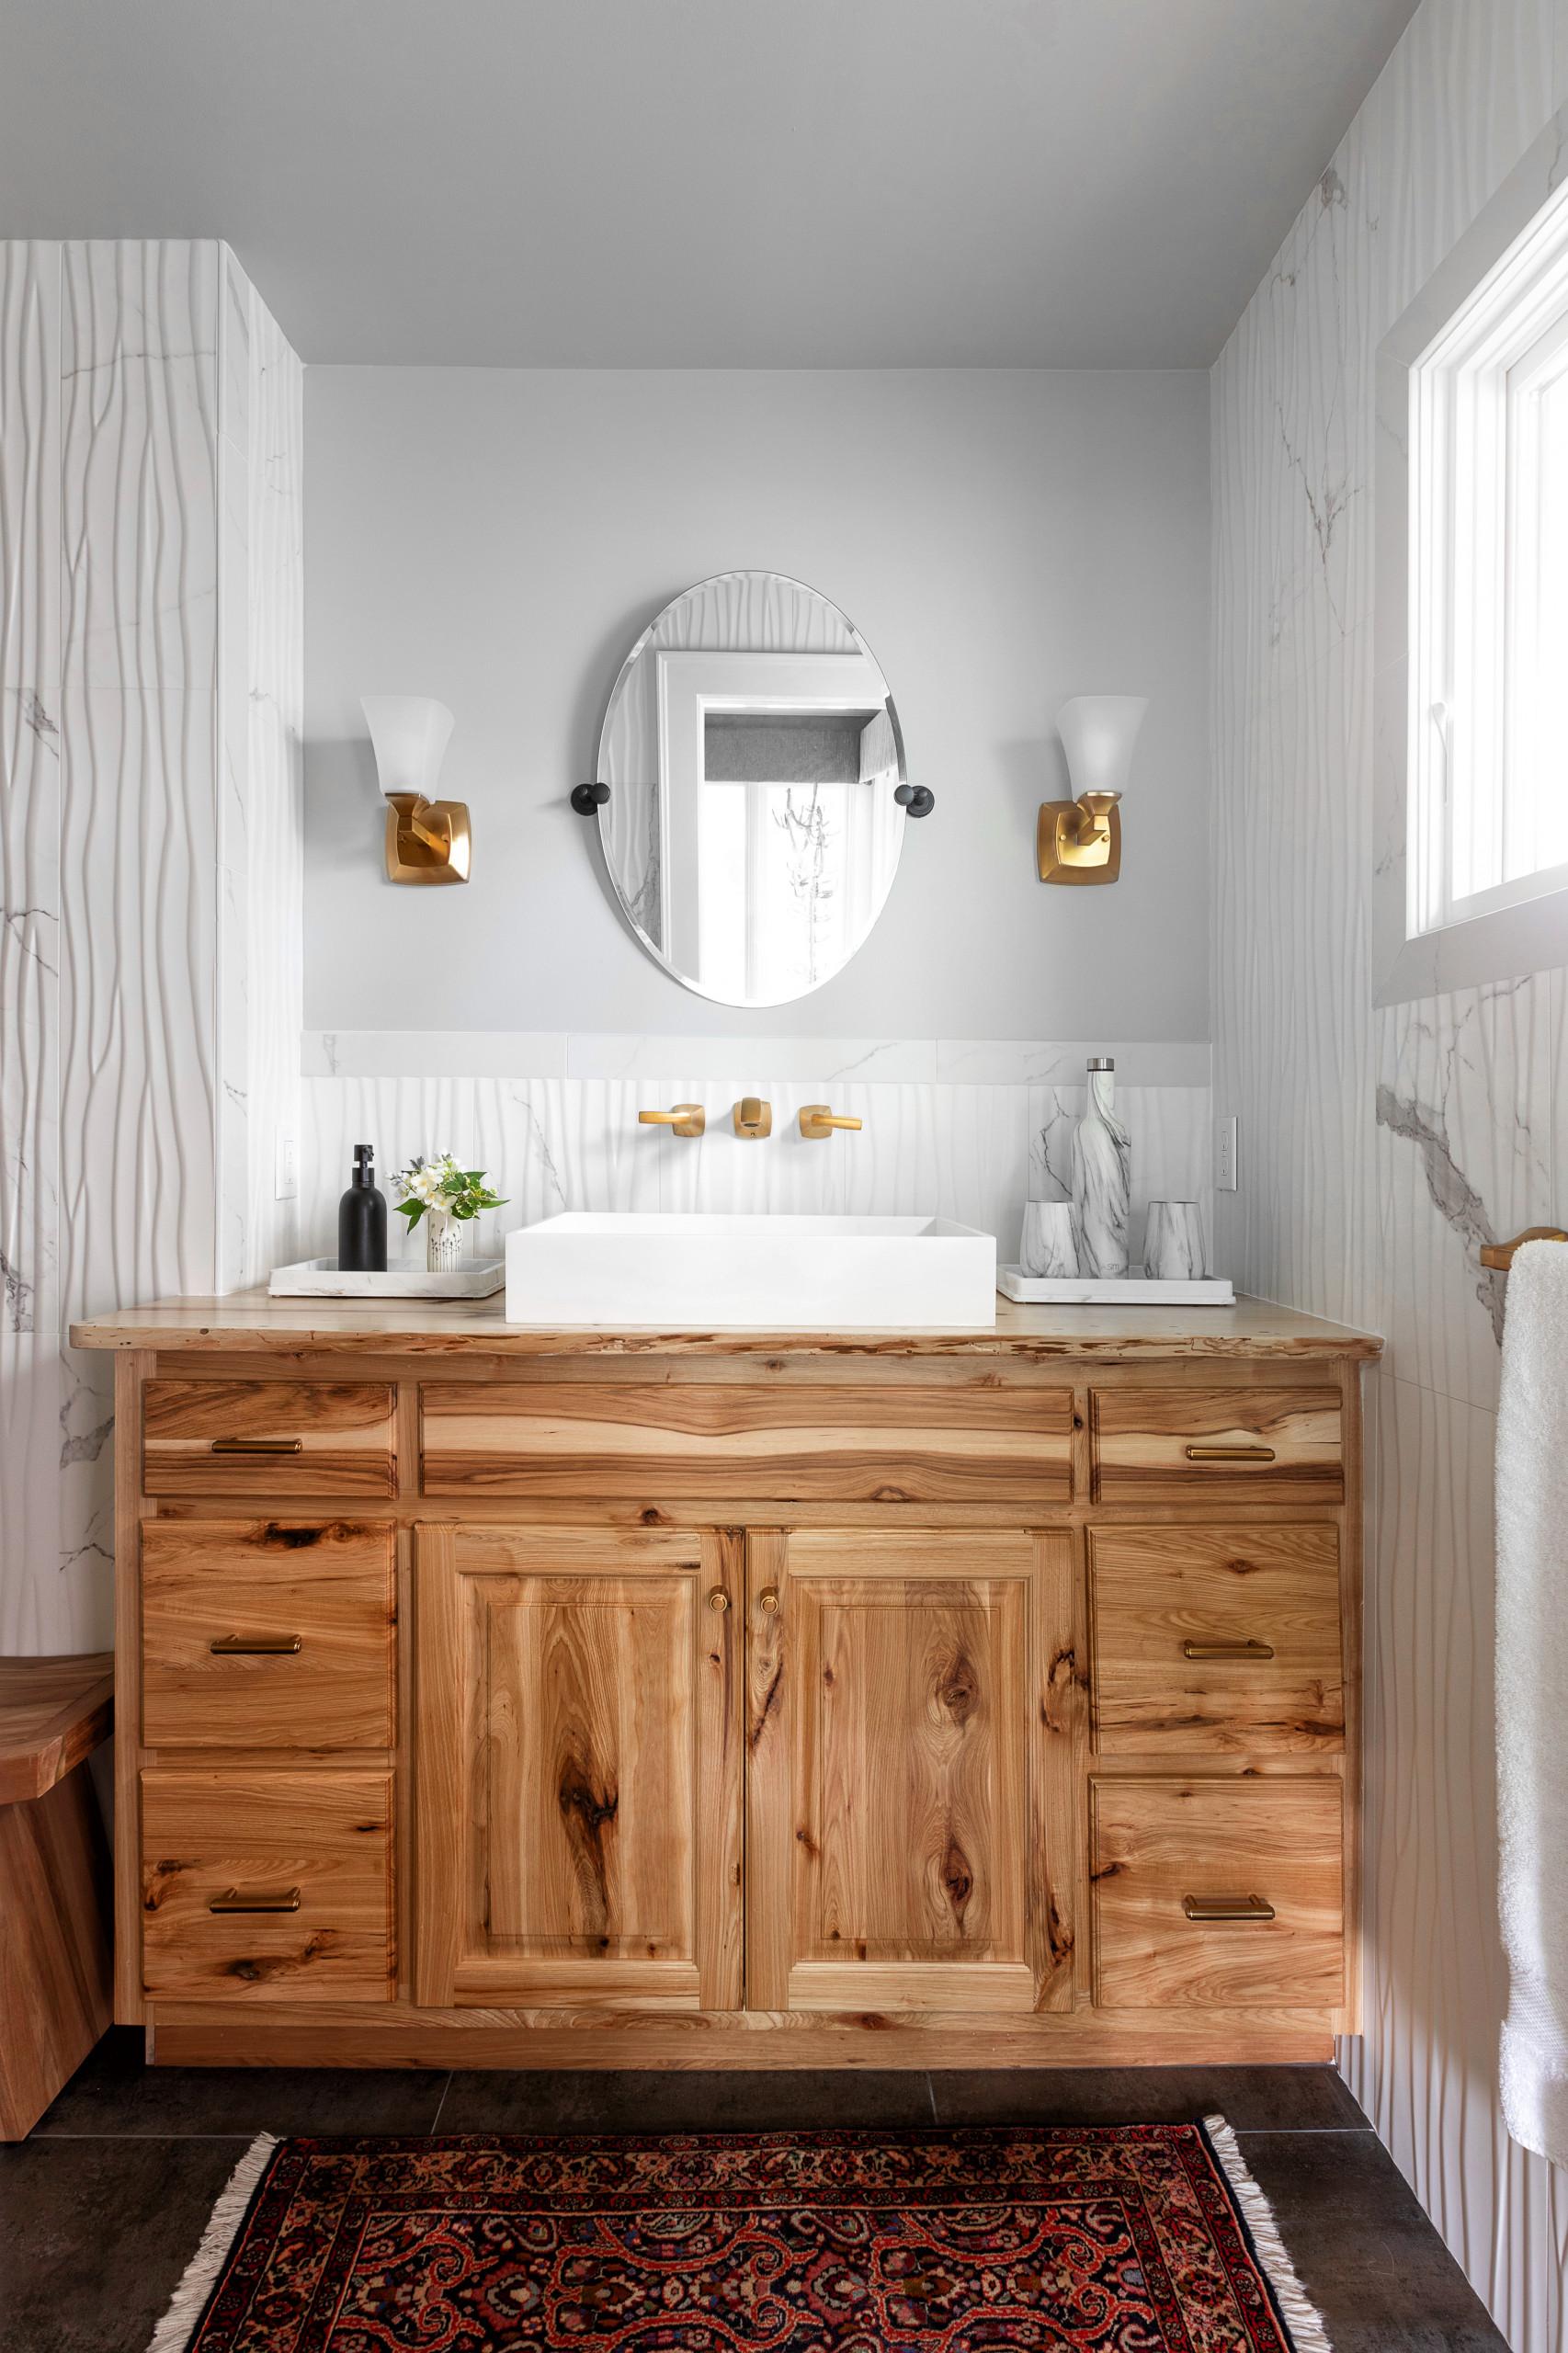 Mast Bath Remodel